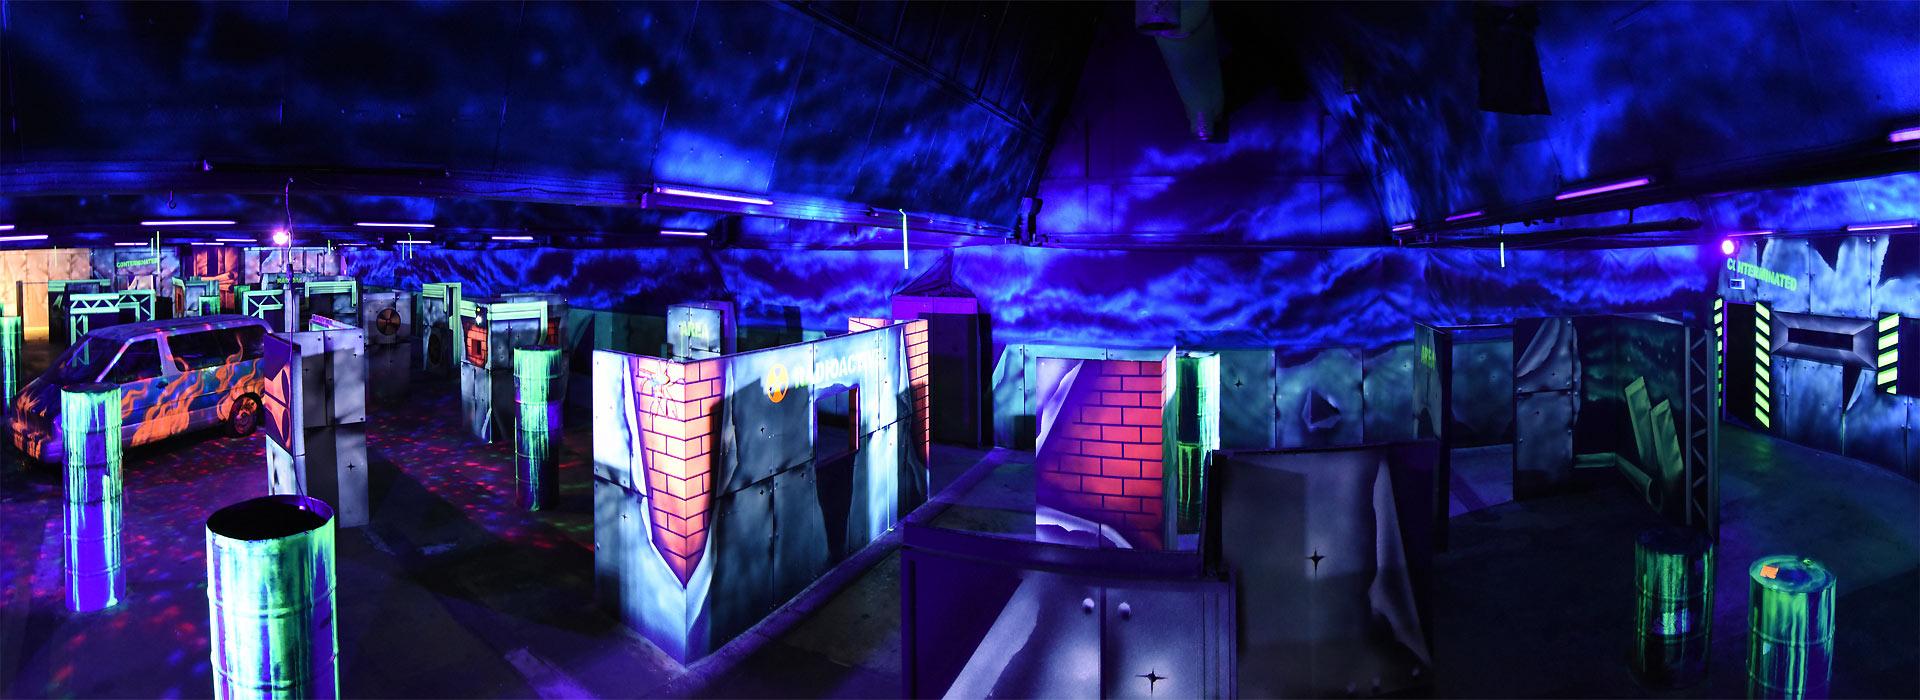 Lasertag Panorame